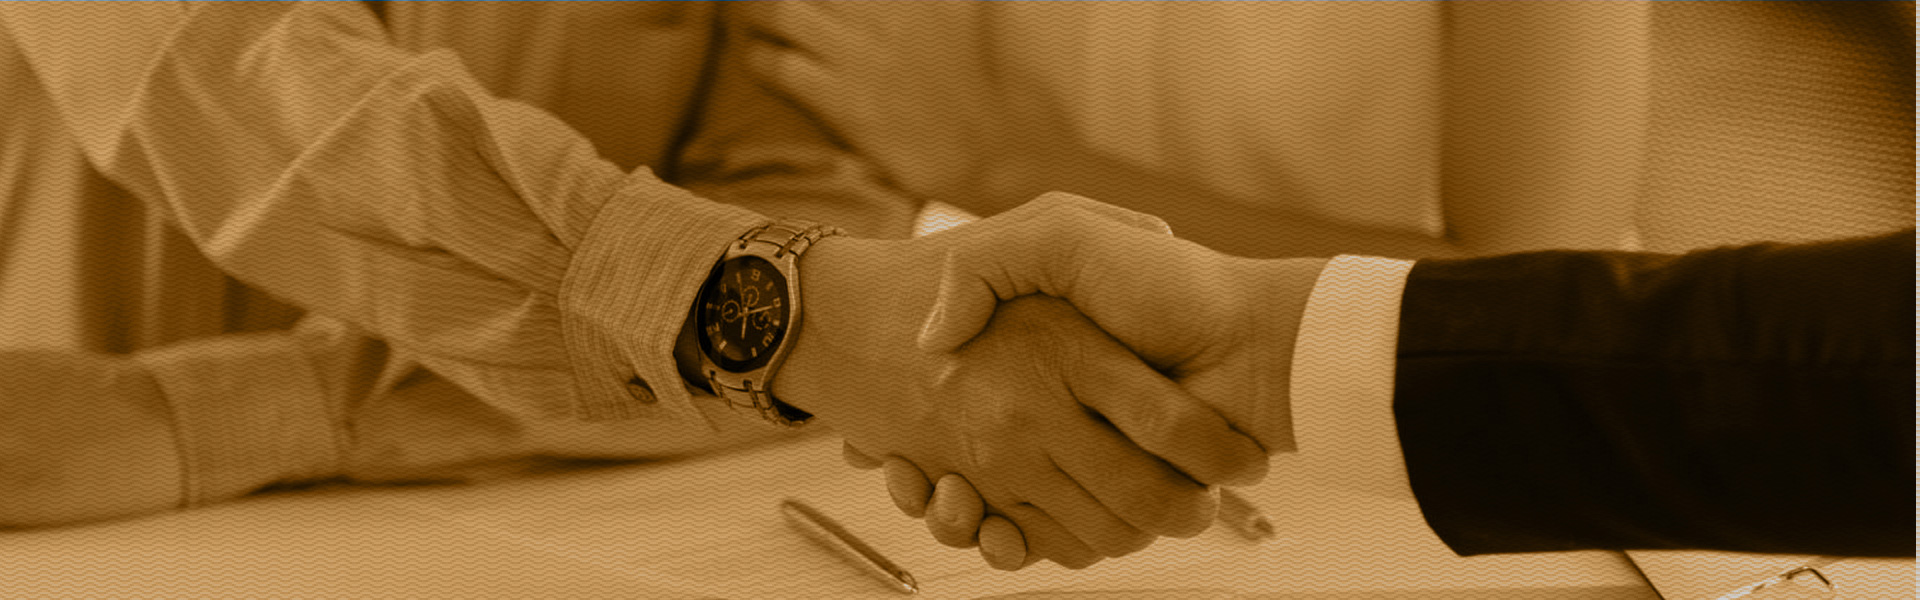 intermediation-juridique-annemasse